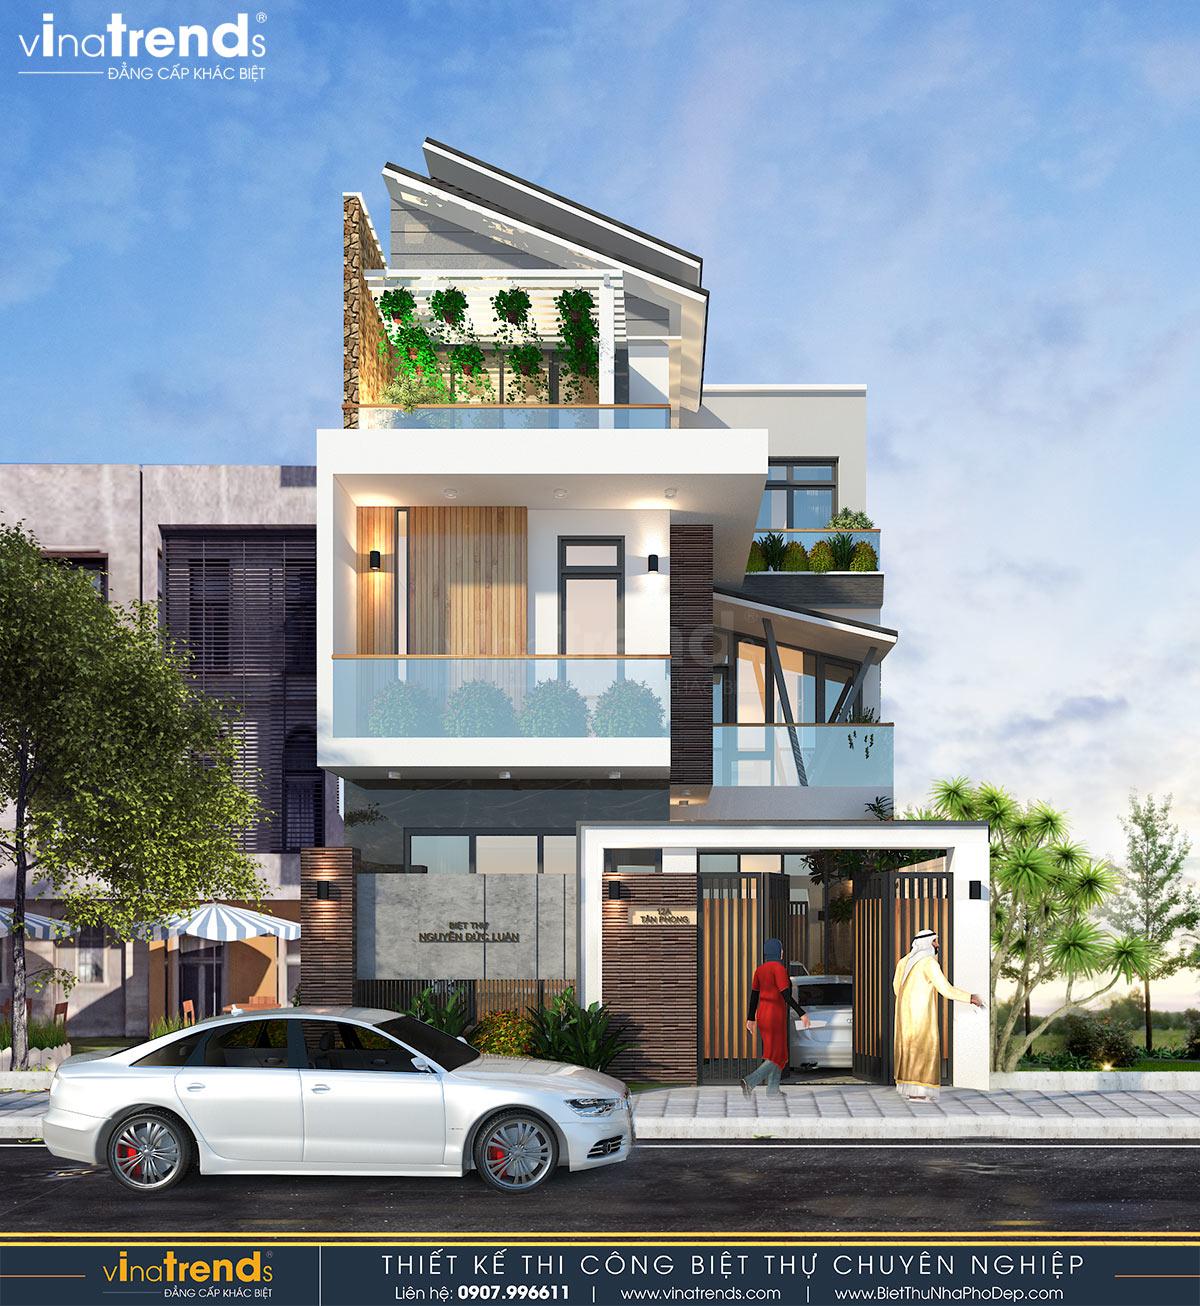 mau nha biet thu 3 tang hien dai dep nhat con doc 2 Mẫu nhà biệt thự 3 tầng hiện đại 10x20m 3 phía có ban công thoáng mát ở Thanh Hóa